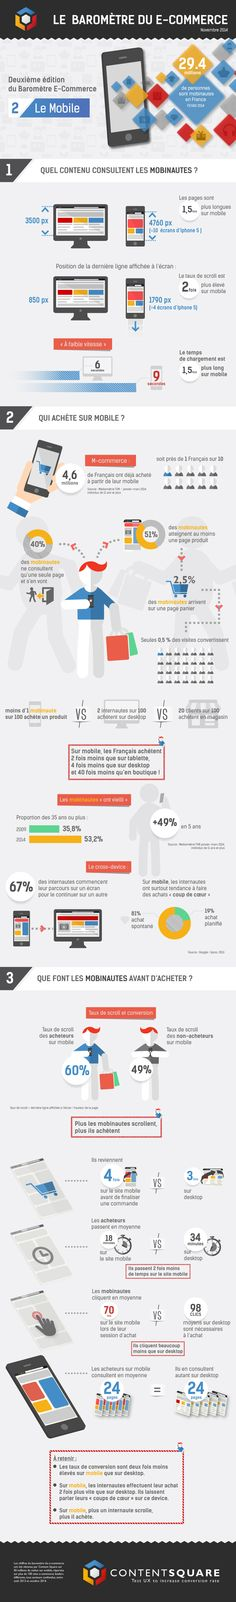 E-commerce et Mobile